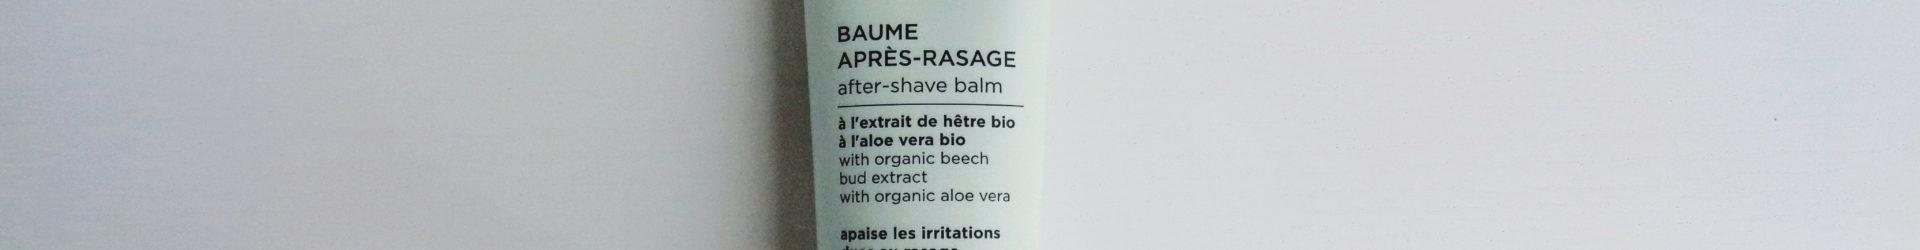 Avril – Baume après-rasage certifié bio (100ml) – Homme